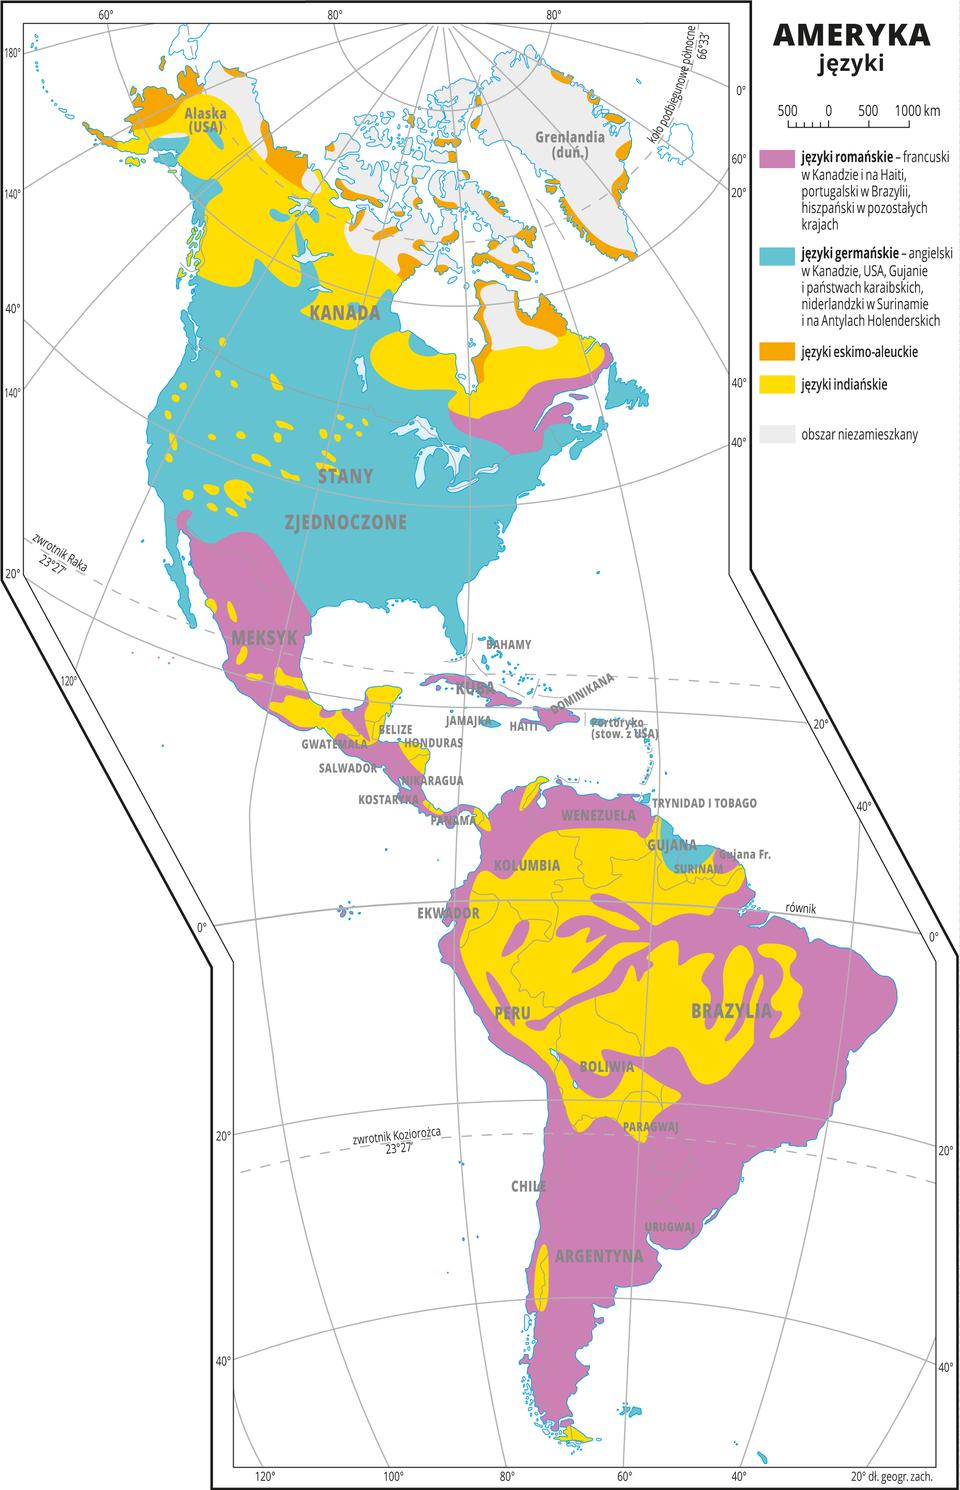 Ilustracja przedstawia mapę rozmieszczenia języków wAmeryce. Kolorami oznaczono języki: języki romańskie – francuski wKanadzie ina Haiti, portugalski wBrazylii, hiszpański wMeksyku, Wenezueli, Kolumbii. Ekwadorze, Peru, Chile, Boliwii, Paragwaju, Urugwaju iArgentynie. Języki germańskie – angielski wKanadzie, USA, Gujanie ipaństwach karaibskich, niderlandzki wSurinamie ina Antylach Holenderskich. Języki eskimo-aleuckie – na północnych krańcach Kanady ina Alasce. Języki indiańskie: północna Kanada iczęść obszarów państw położonych wdorzeczu Amazonki. Dookoła mapy wbiałej ramce opisano współrzędne geograficzne co dwadzieścia stopni. Wlegendzie umieszczono iopisano kolory użyte na mapie.